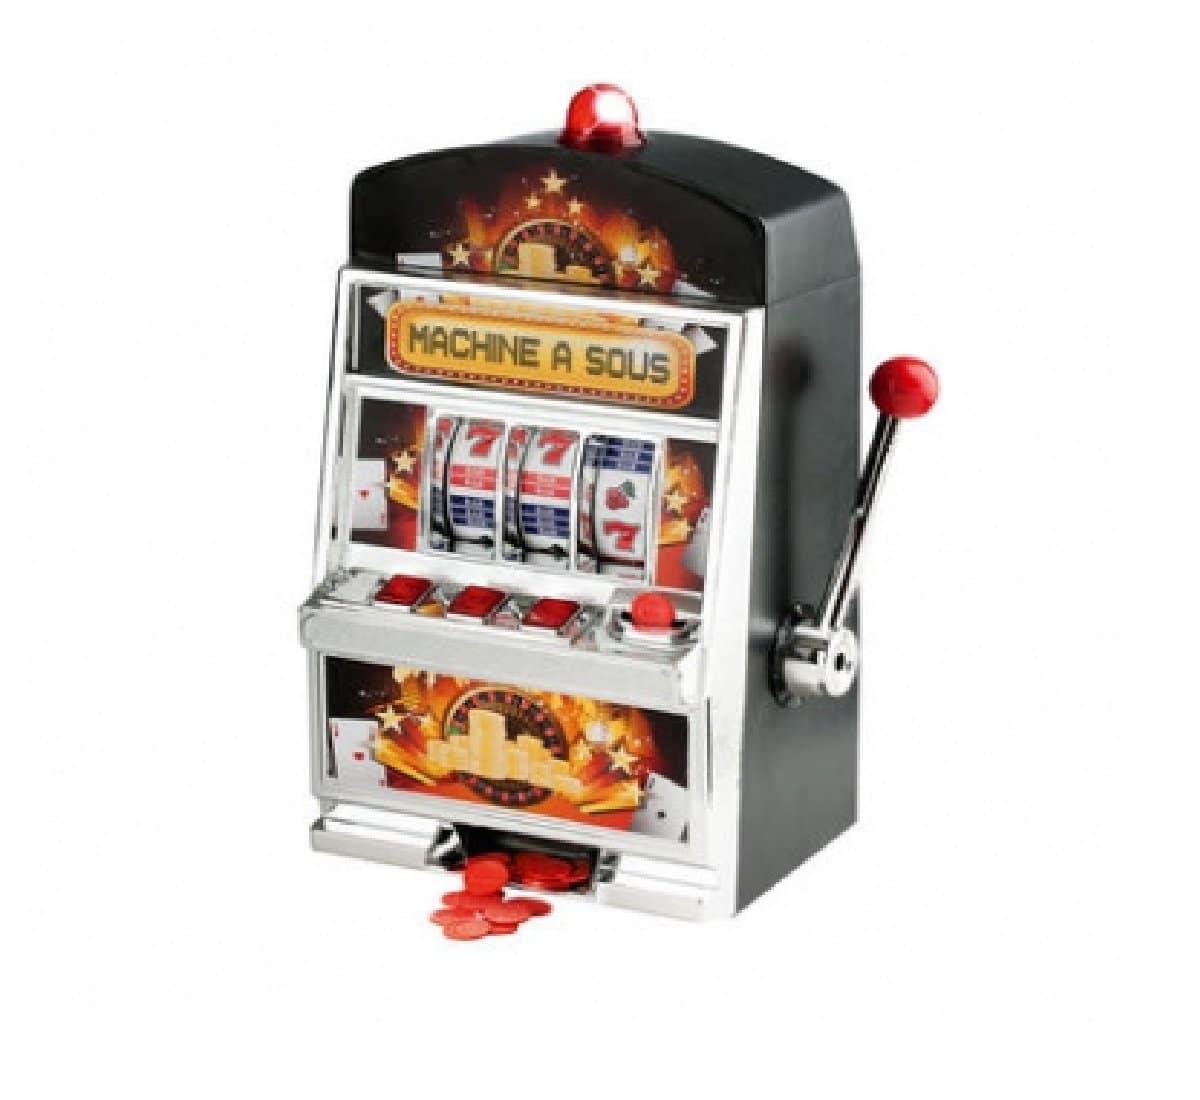 Machine a sous : un jeu qui ne coûte pas cher